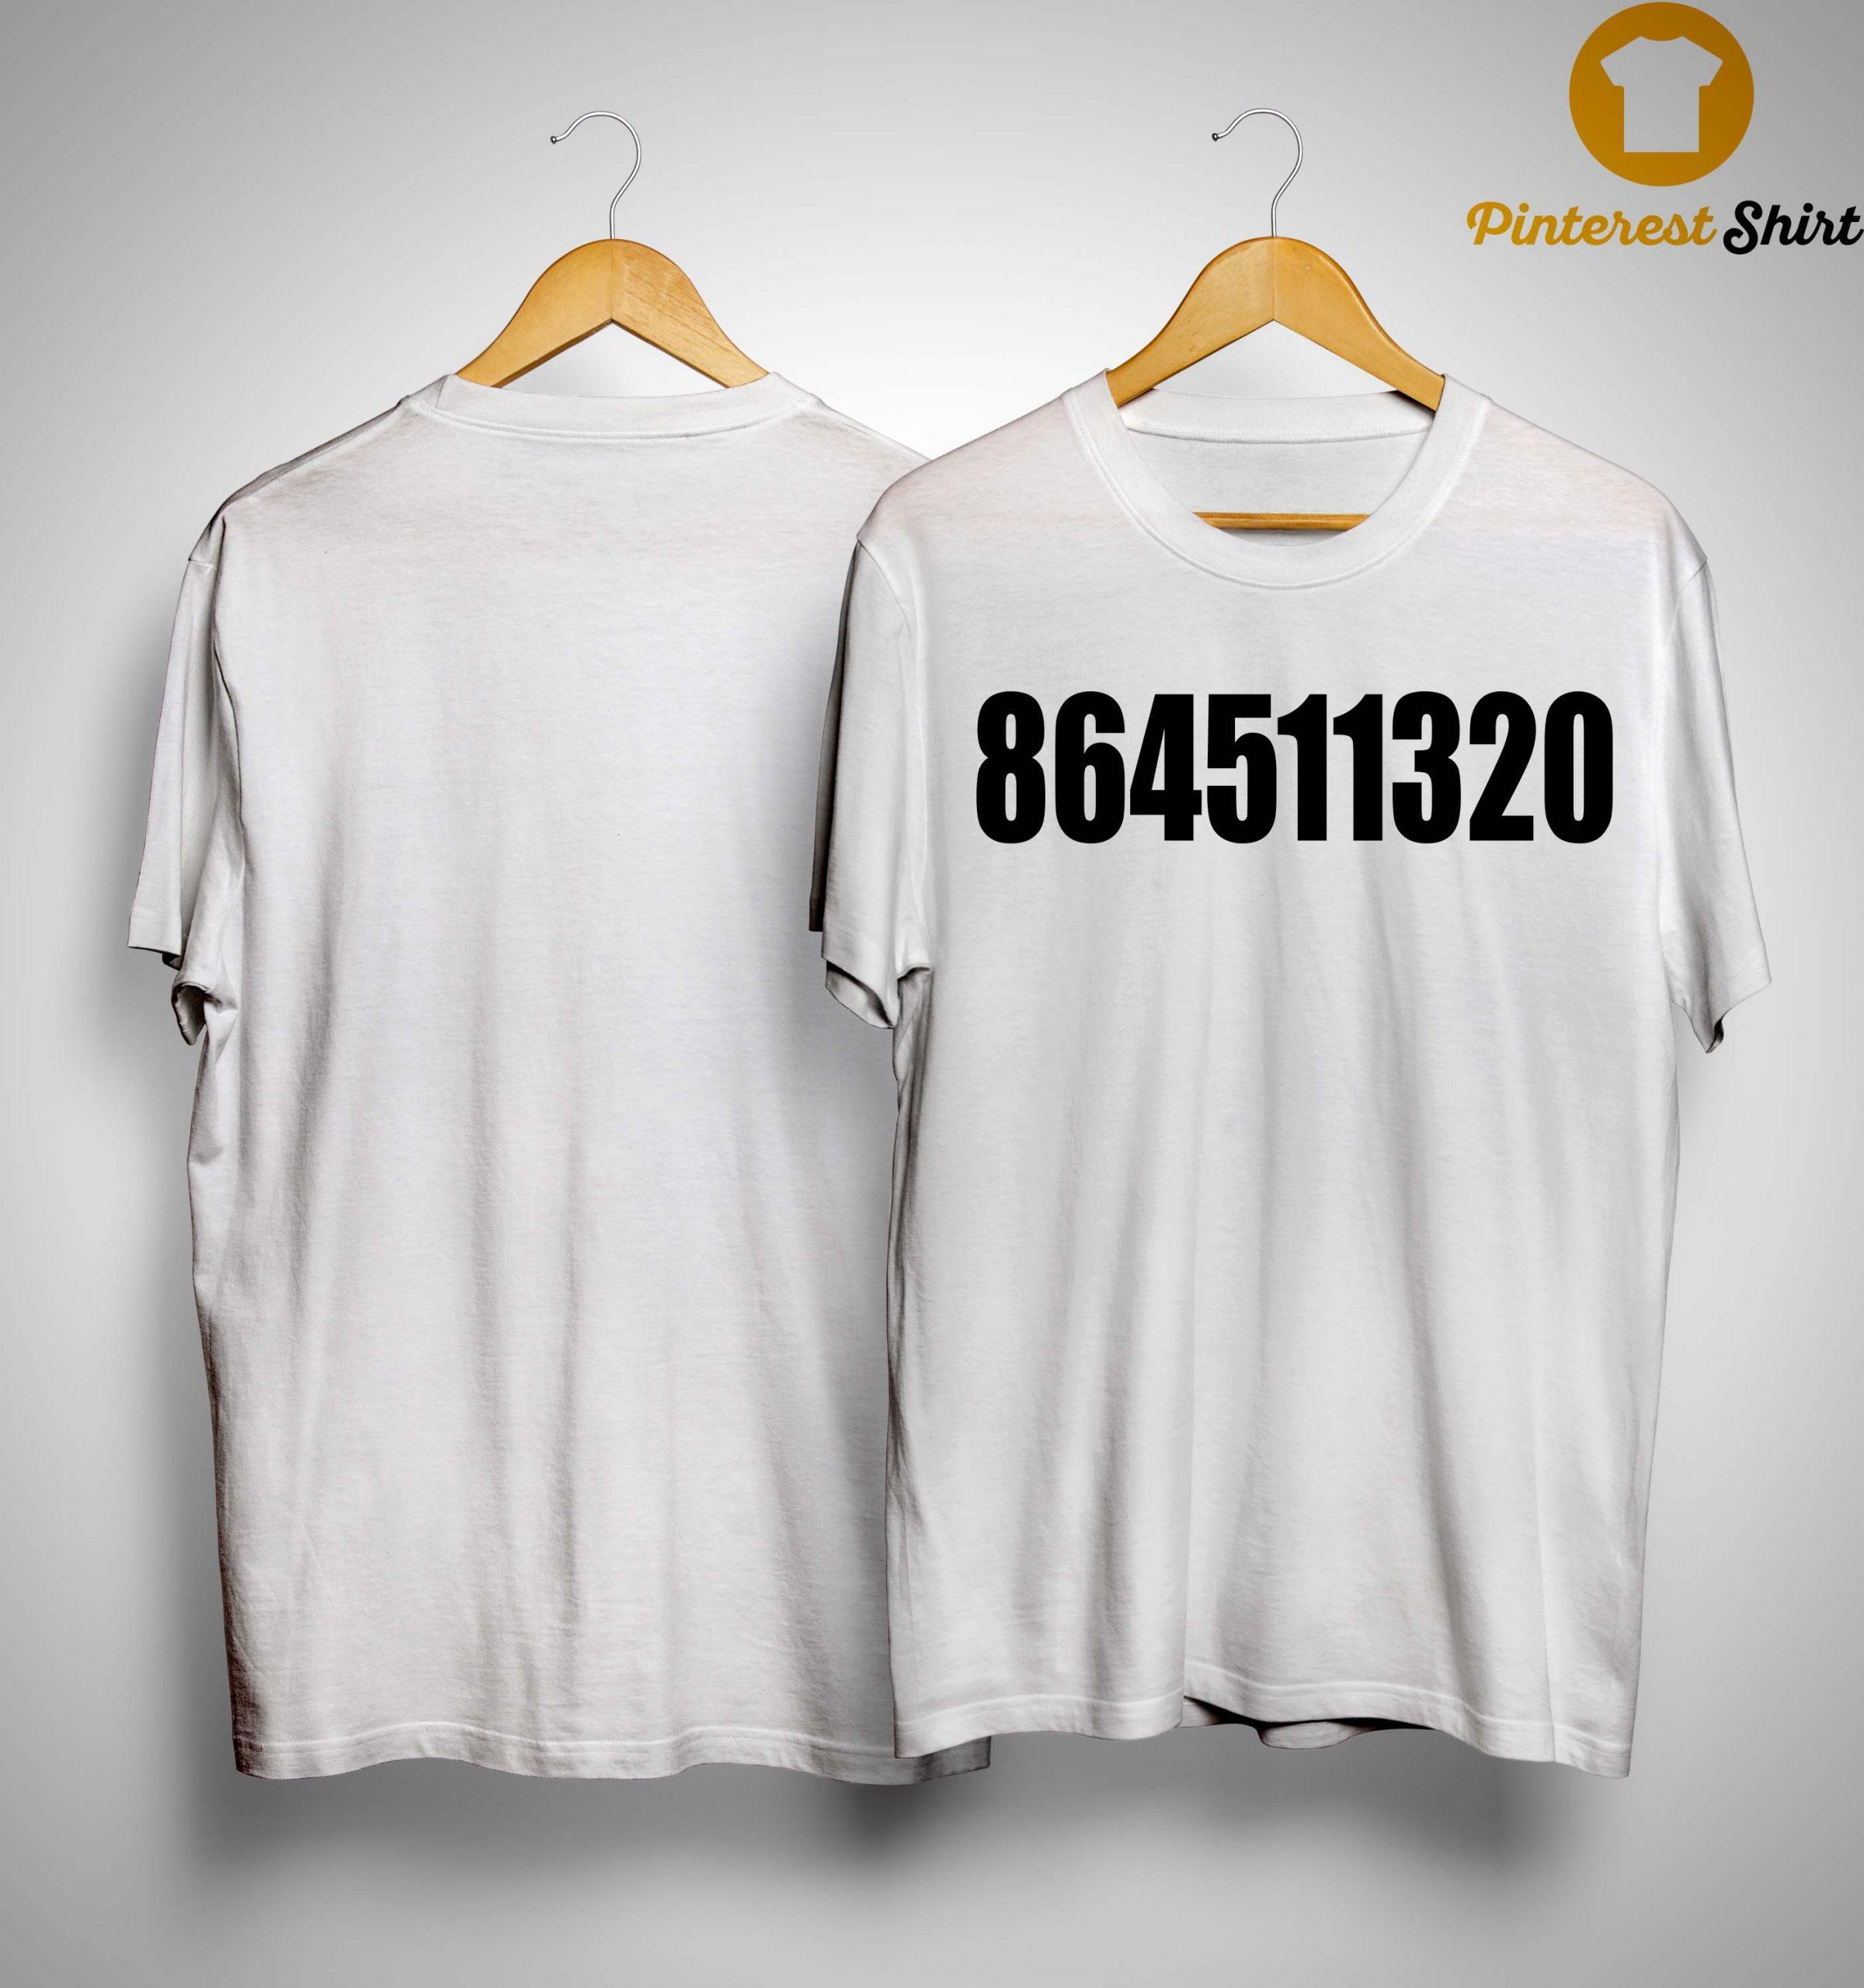 Ben Lee 864511320 Shirt